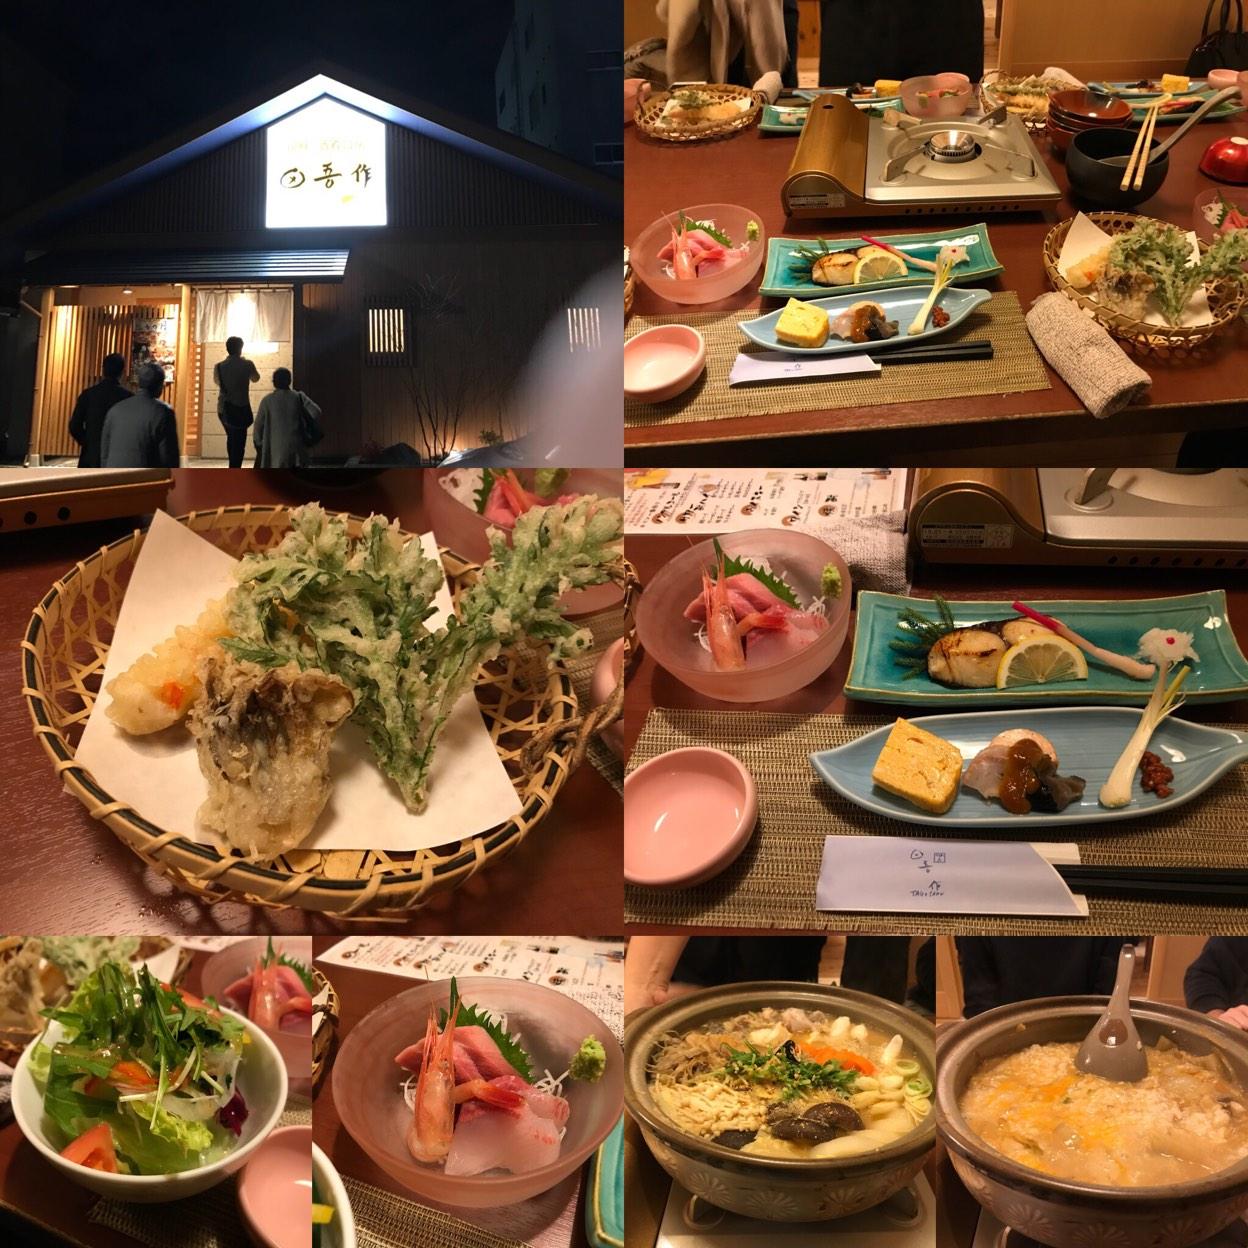 田吾作 月 (水戸駅/居酒屋)